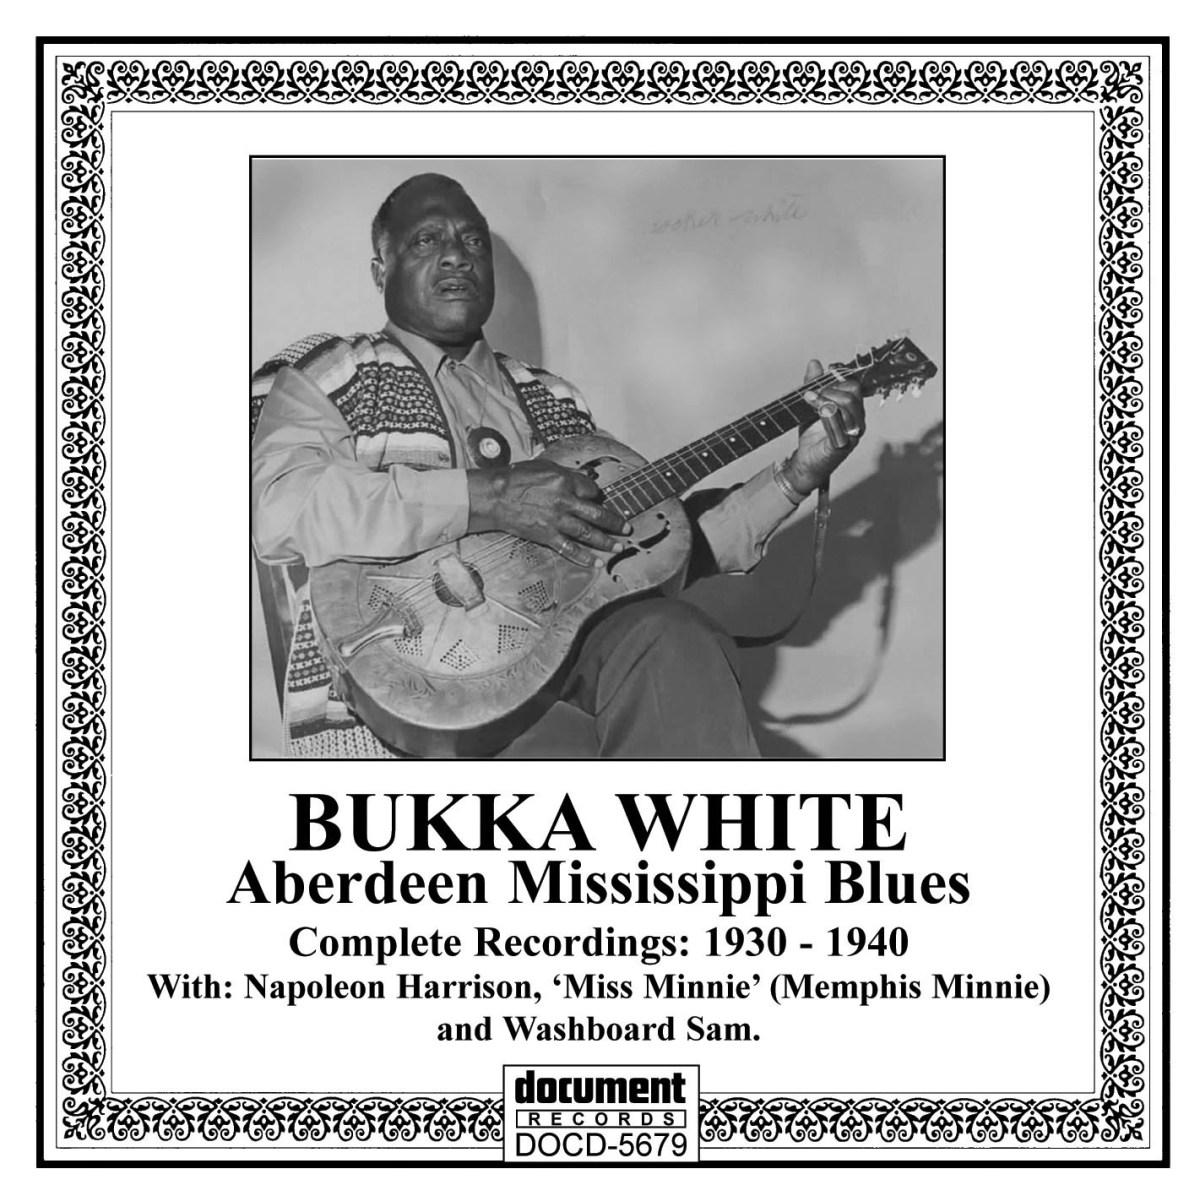 Bukka White Aberdeen Mississippi Blues – Full Album